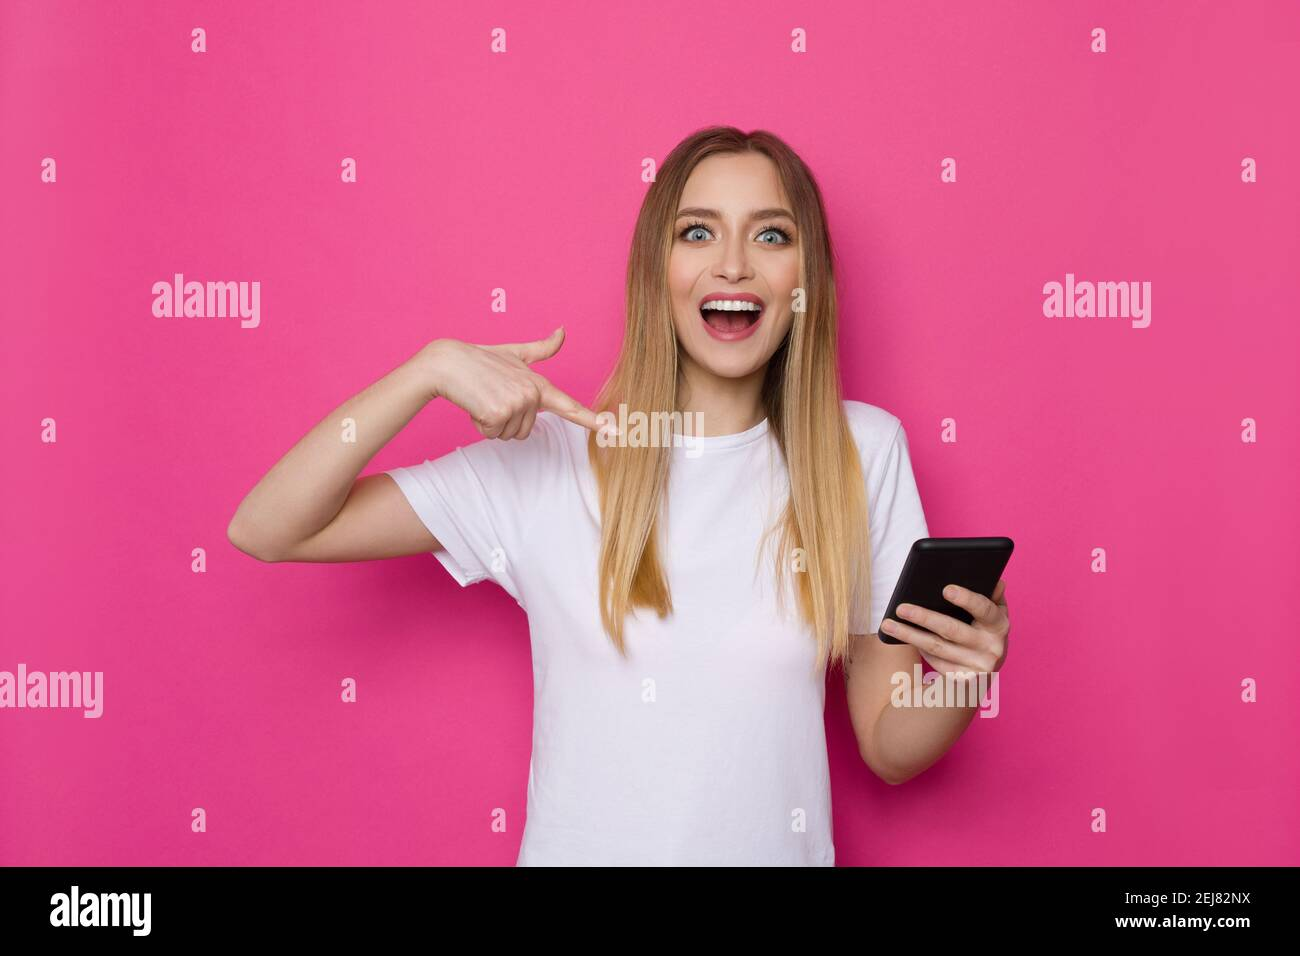 Une jeune femme heureuse en chemise blanche tient le téléphone, le pointe vers lui et crie. Taille haute studio tourné sur fond rose. Banque D'Images